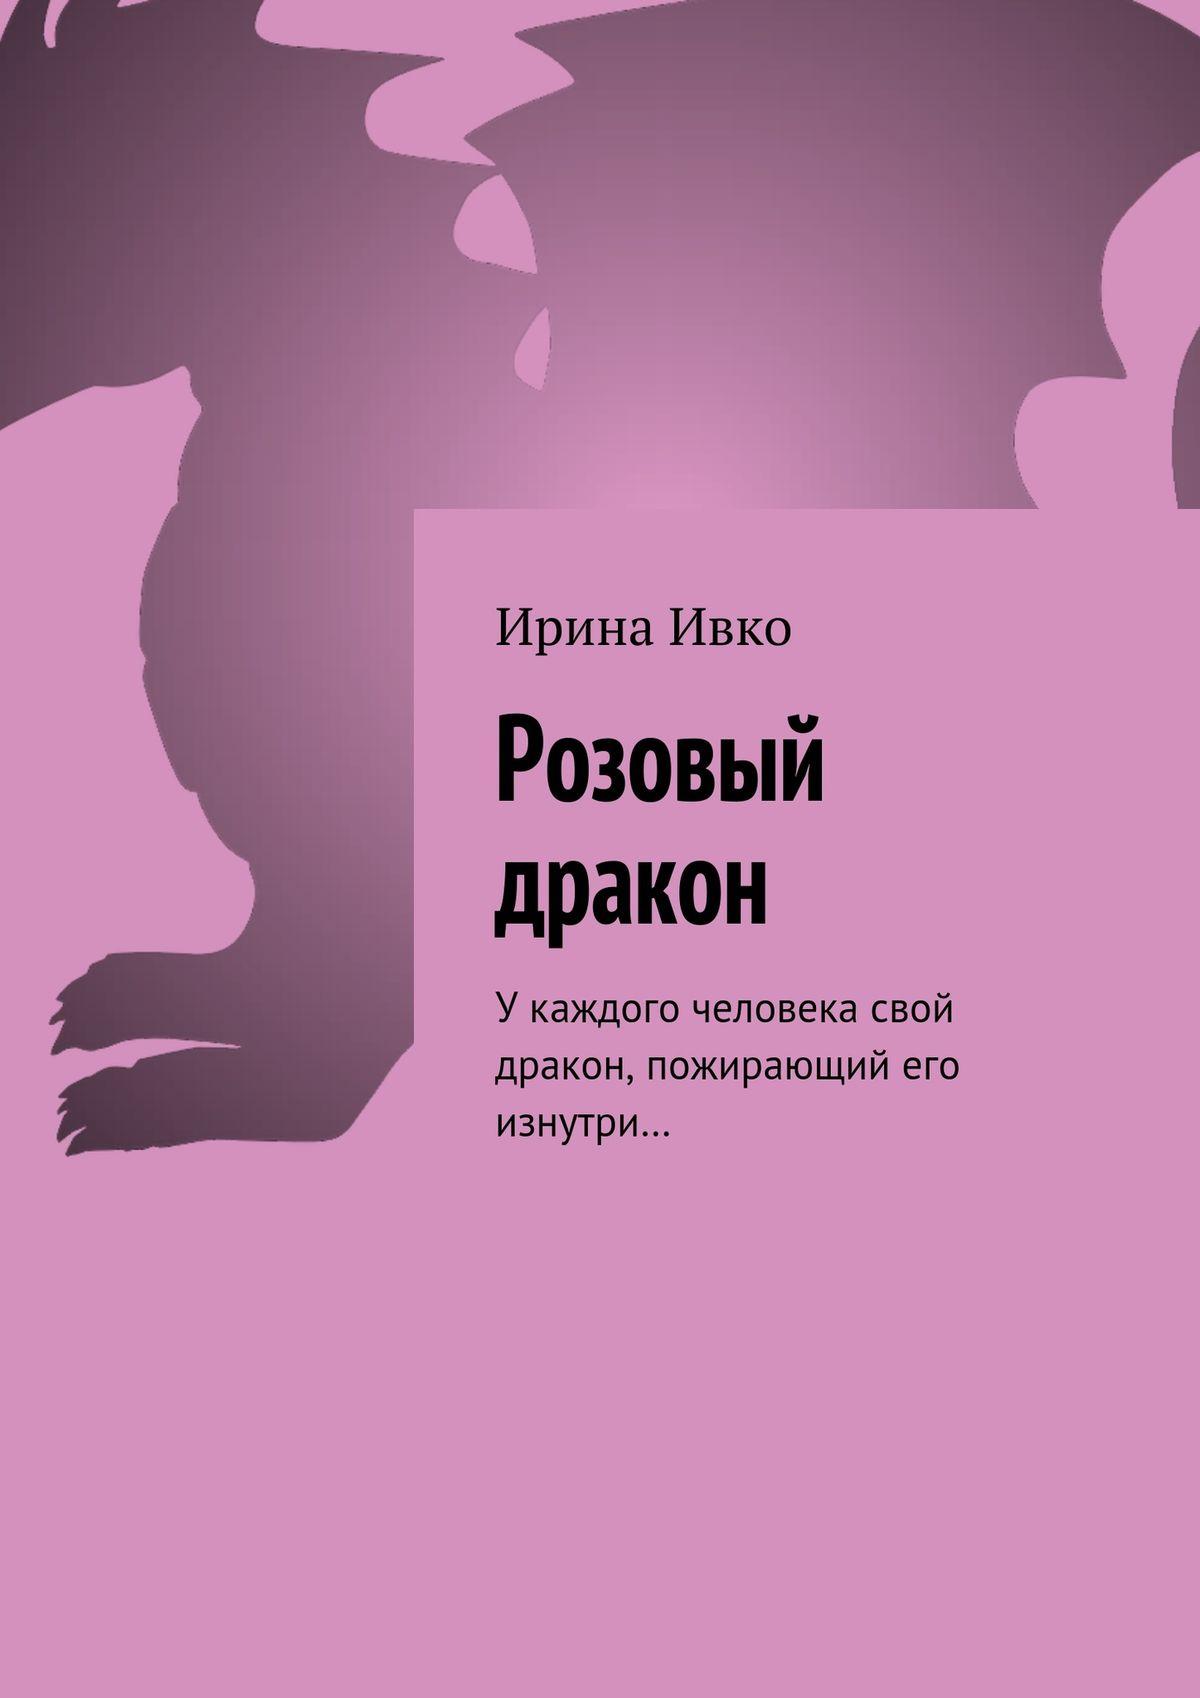 Ирина Ивко Розовый дракон. Укаждого человека свой дракон, пожирающий его изнутри… изнер к дракон из трокадеро